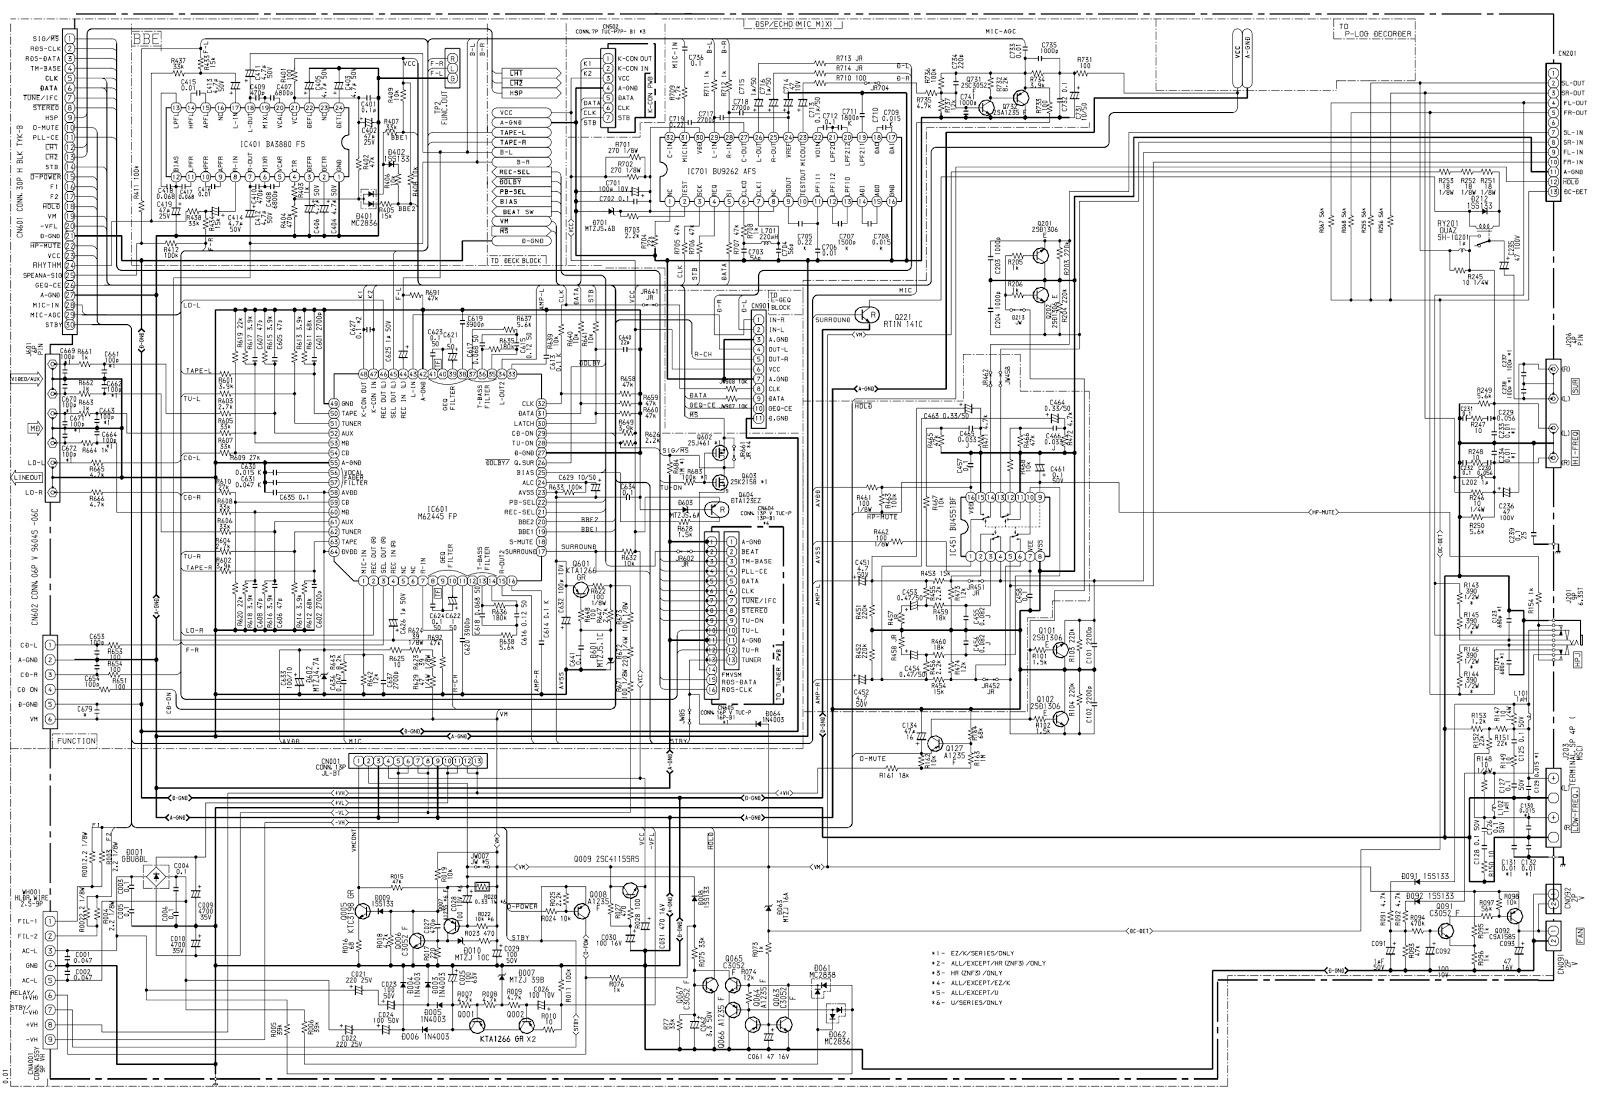 medium resolution of vivitar wiring diagram diagram database regvivitar wiring diagram wiring diagram aiwa wiring diagram wiring library diagram